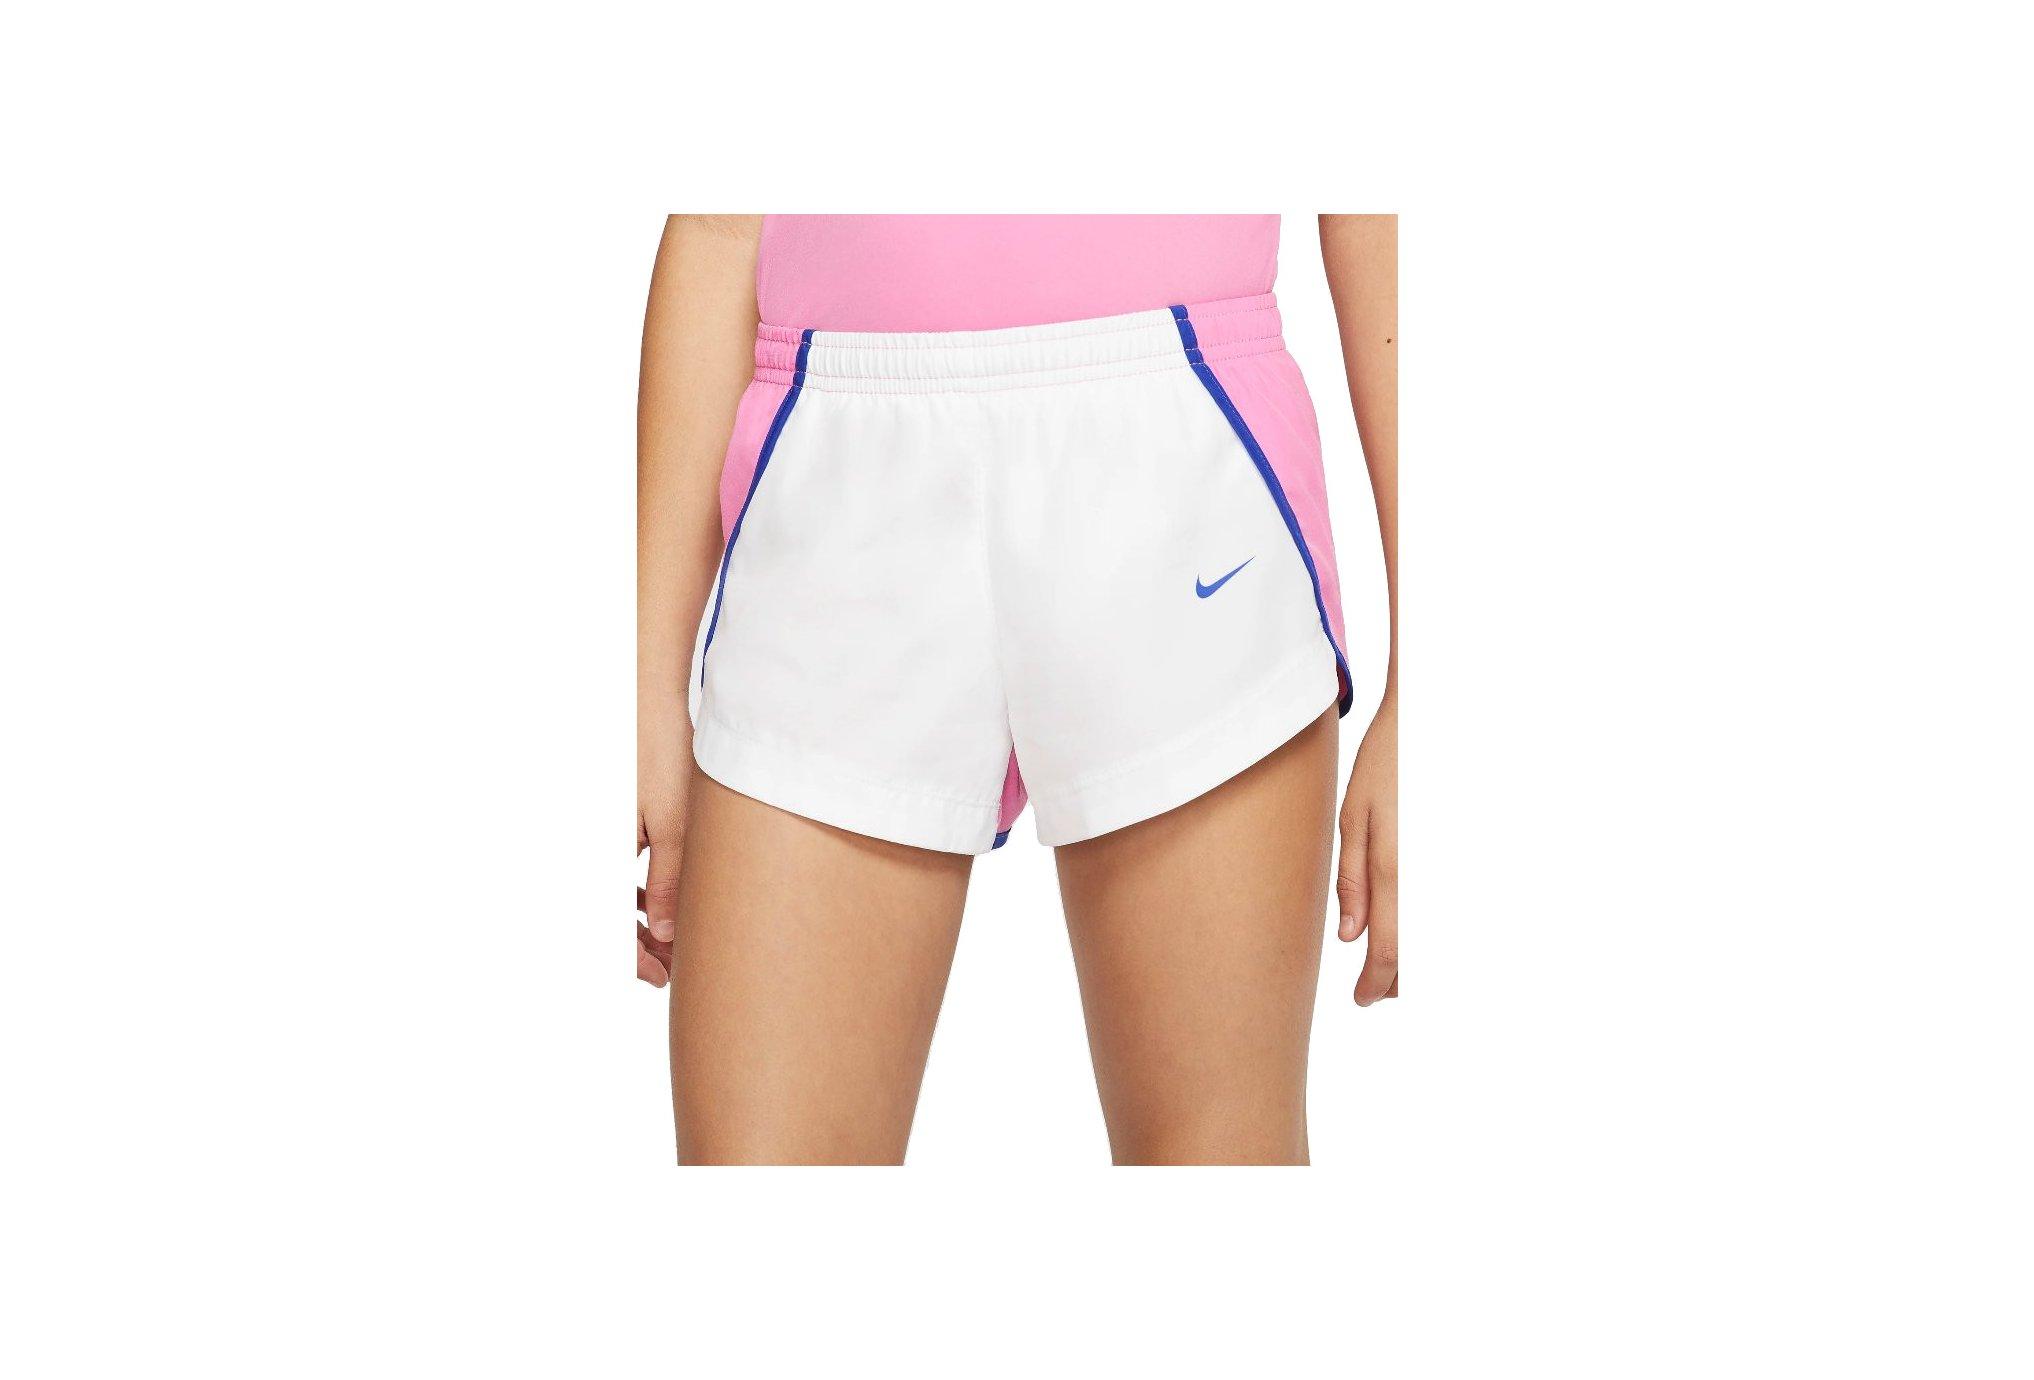 Nike Dry Sprinter Fille vêtement running femme